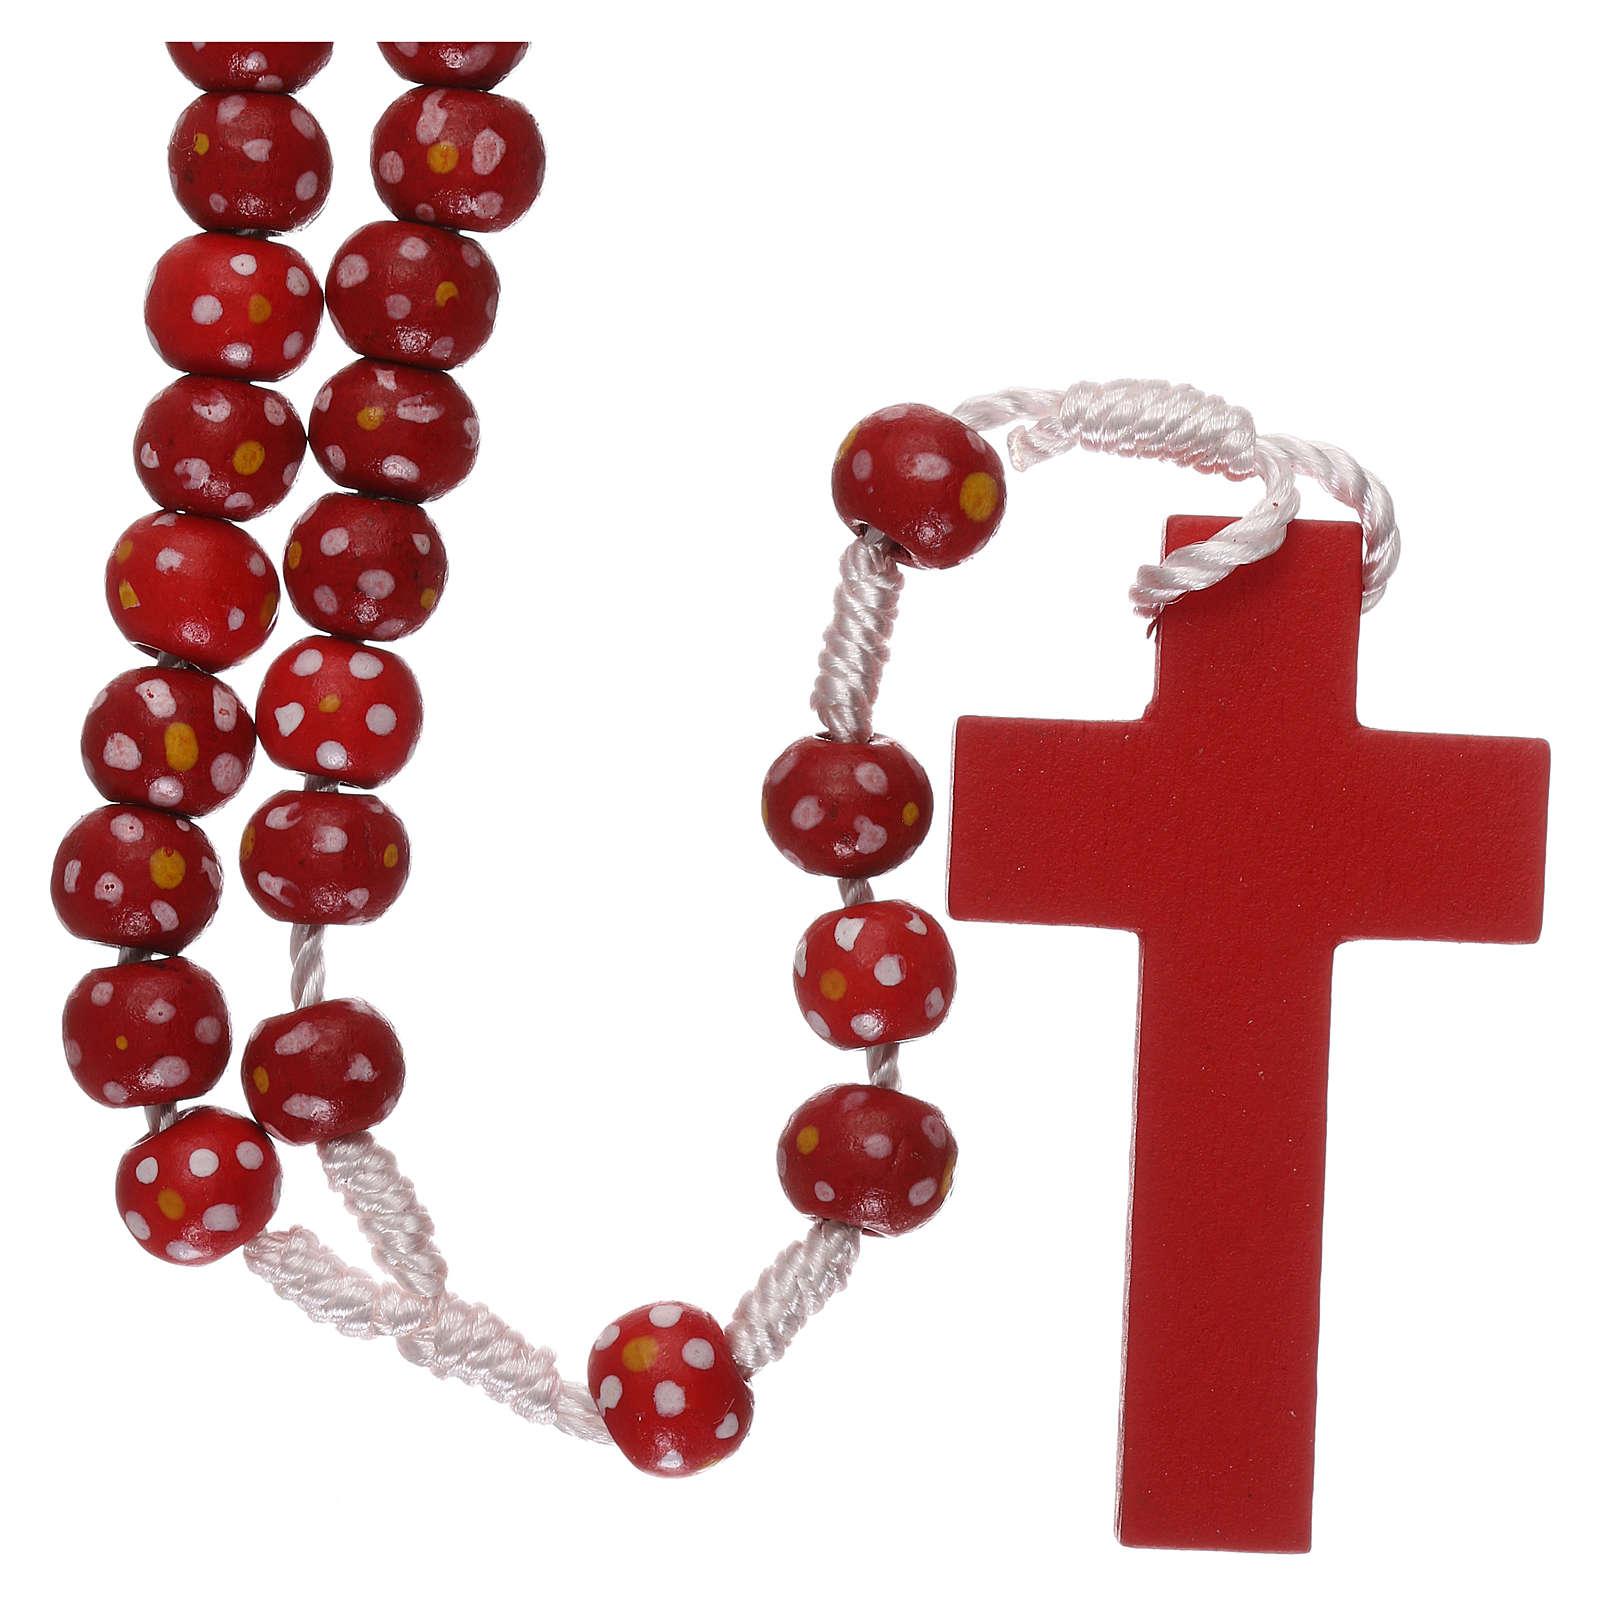 Rosario madera flor engarce cuerda diámetro mm 7 rojo 4